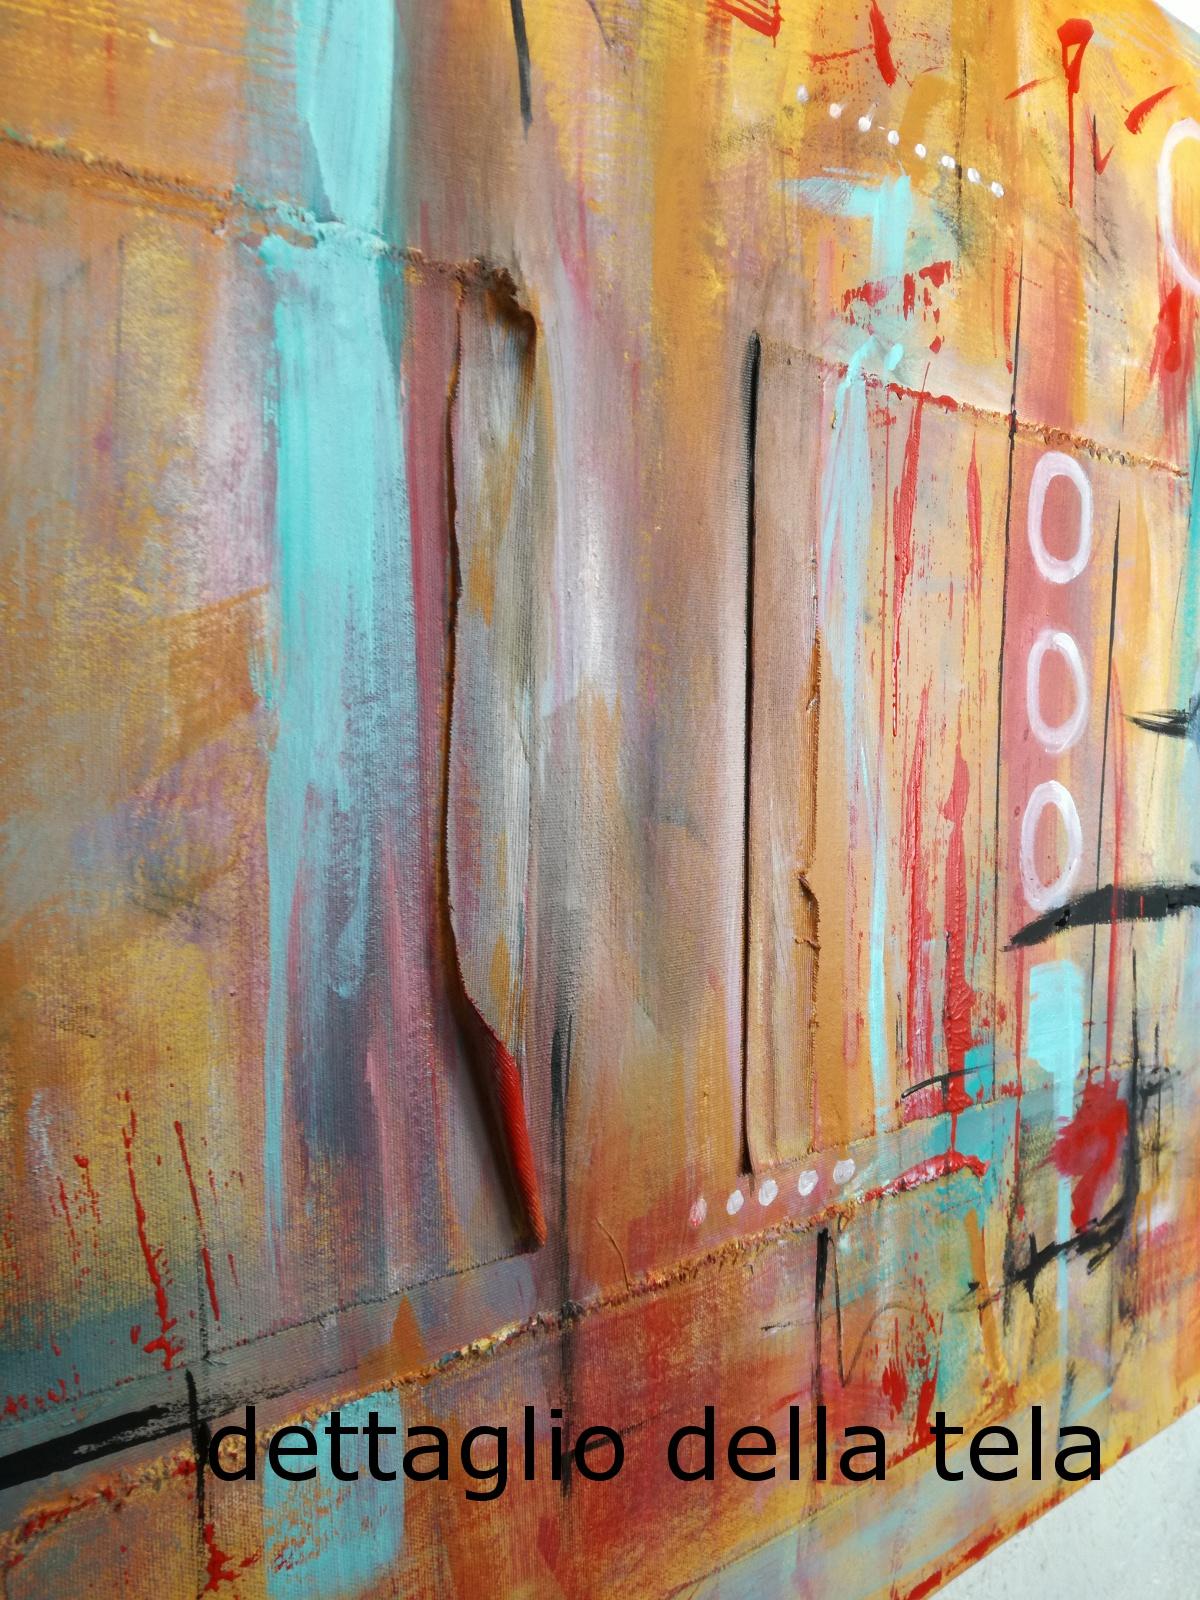 dett tela a41 - quadri astratti  120x80  tela contro tela in rilievo